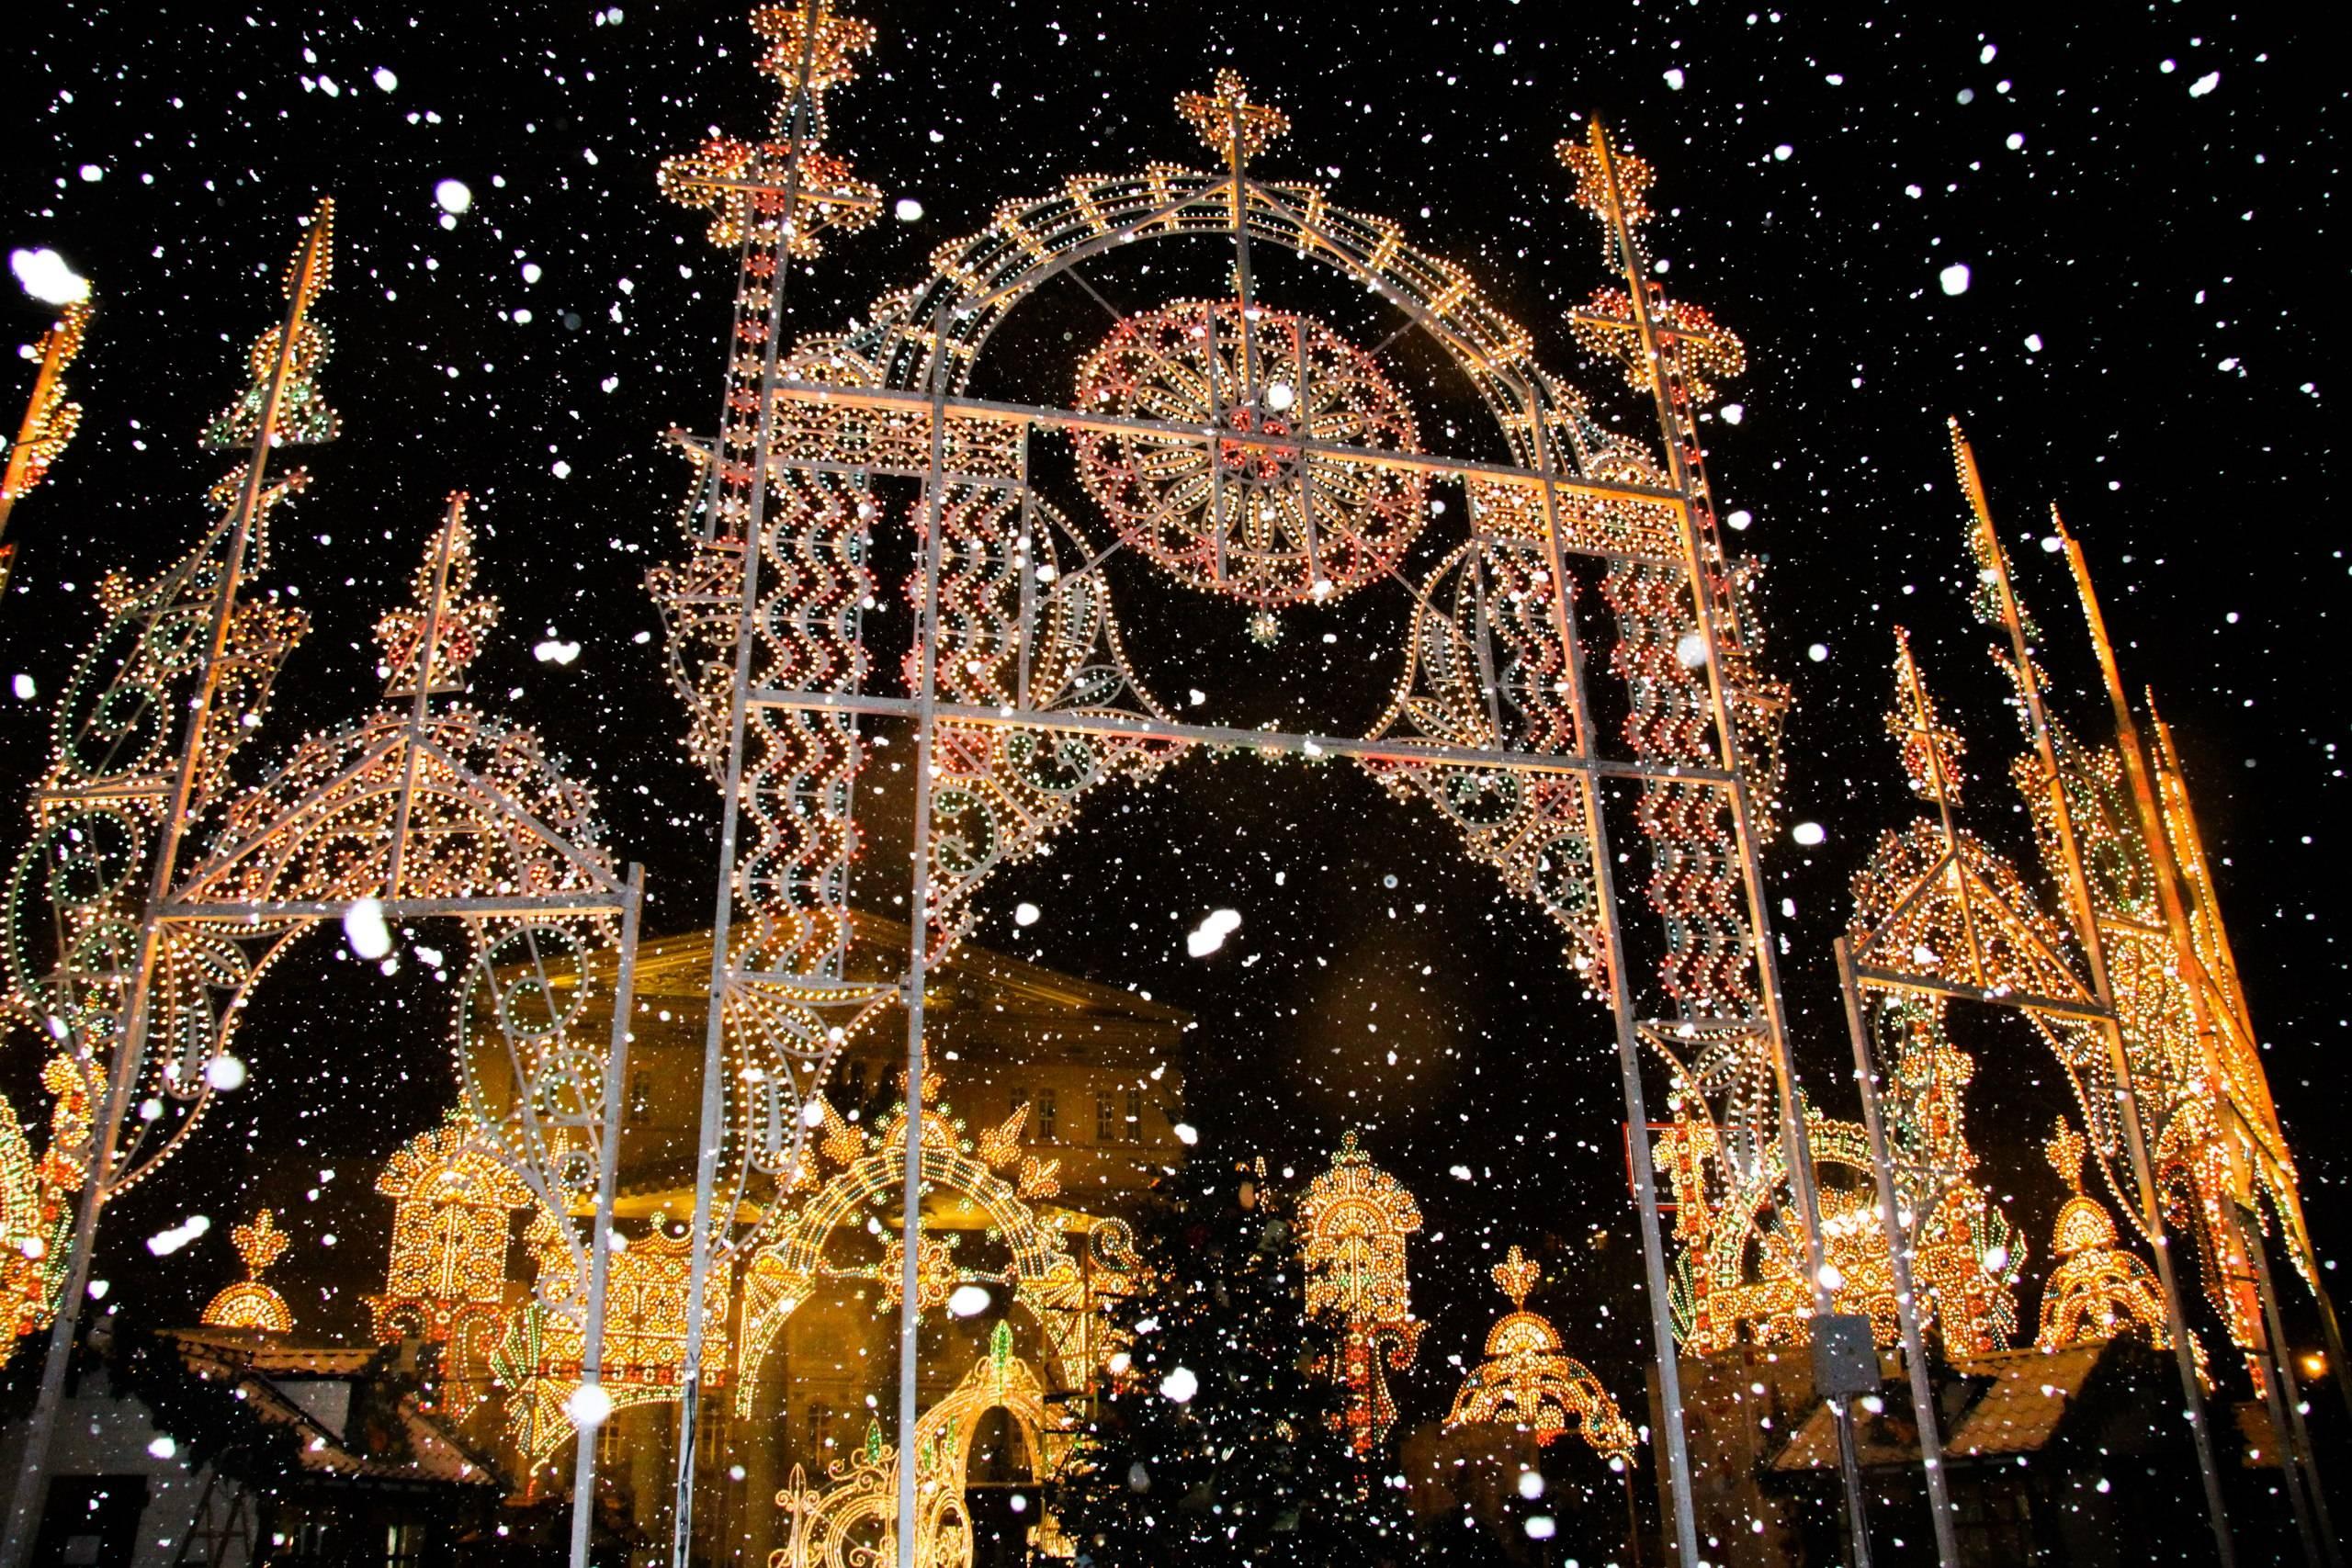 рождественский свет фестиваль в москве фото компания